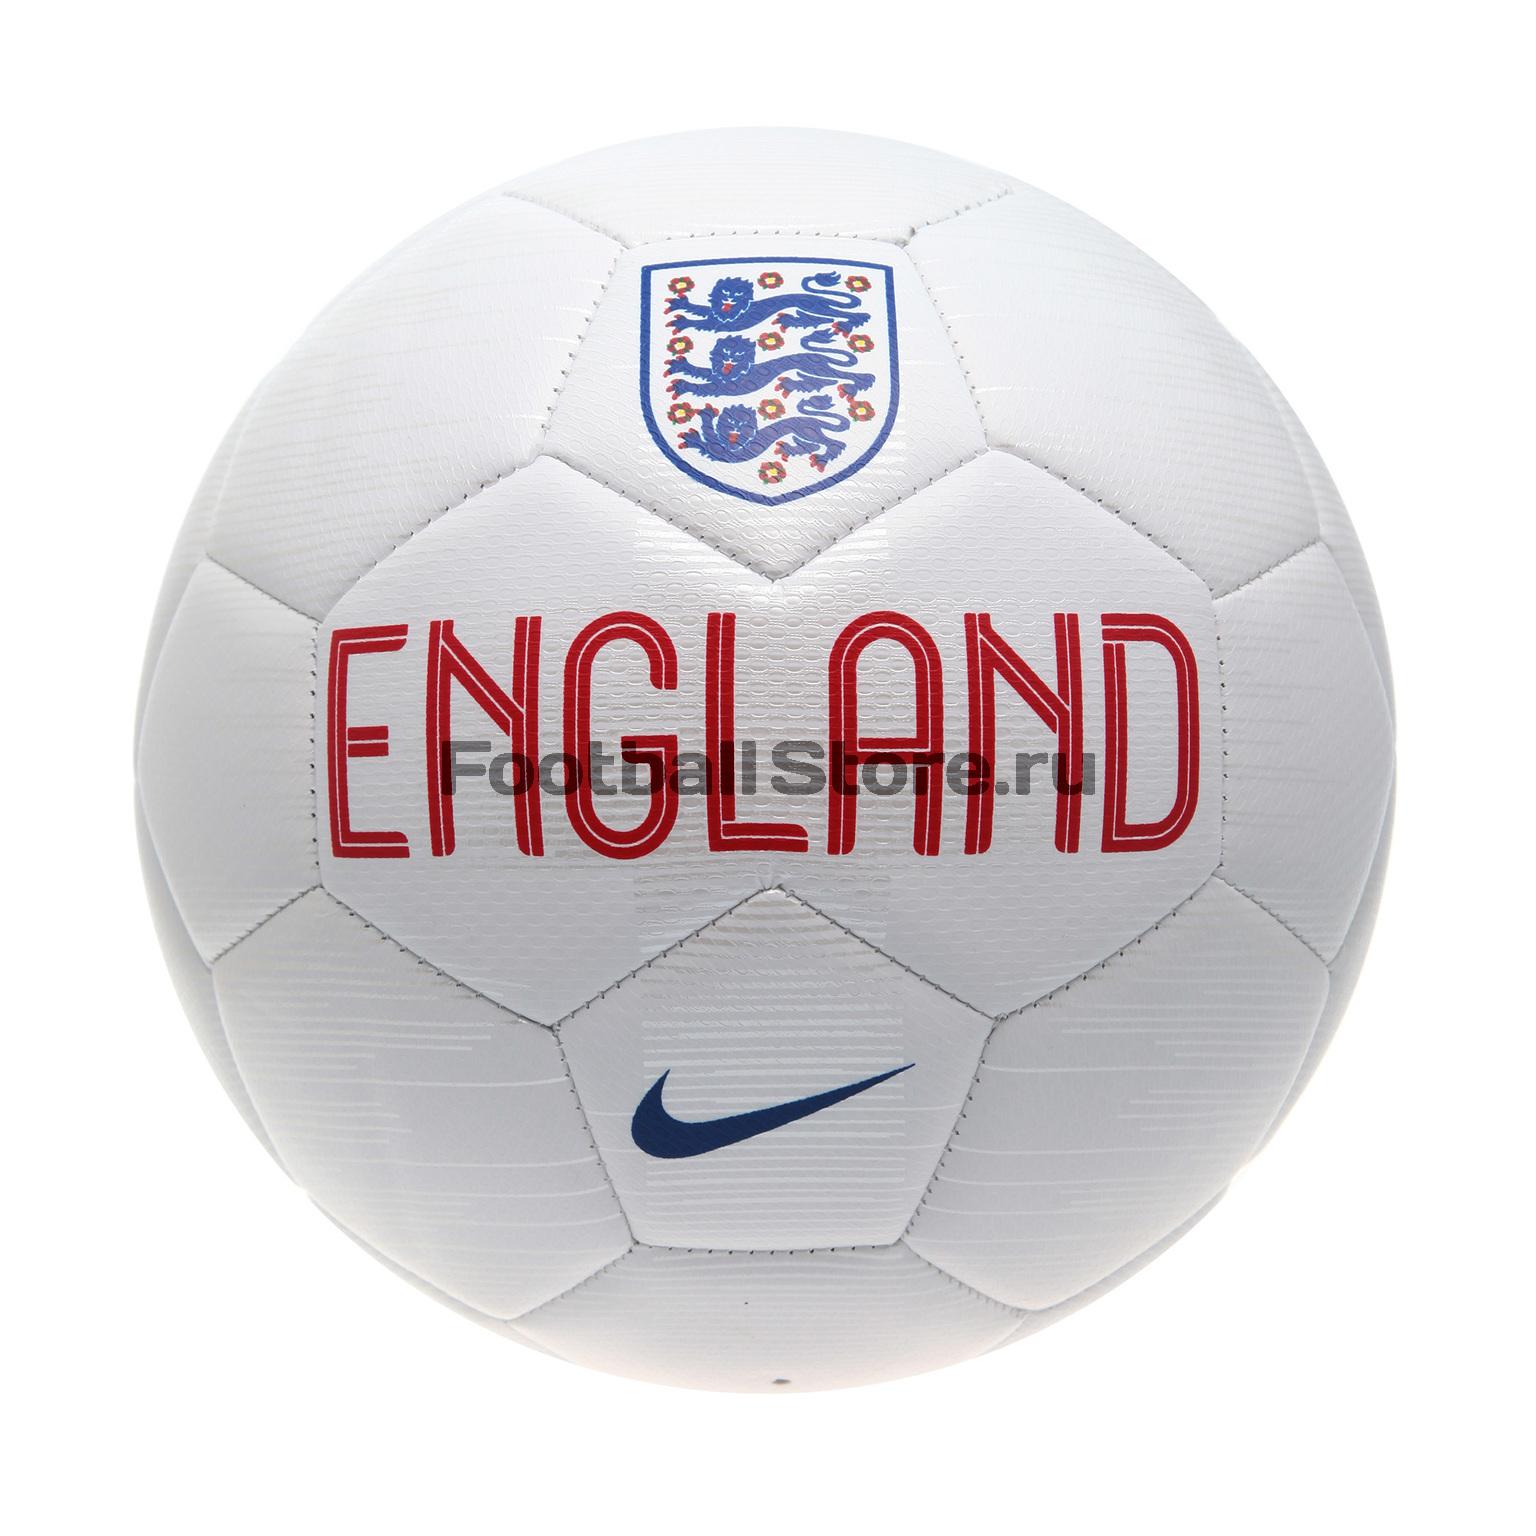 цена на Мяч футбольной Nike сб. Англии (England) SC3201-100